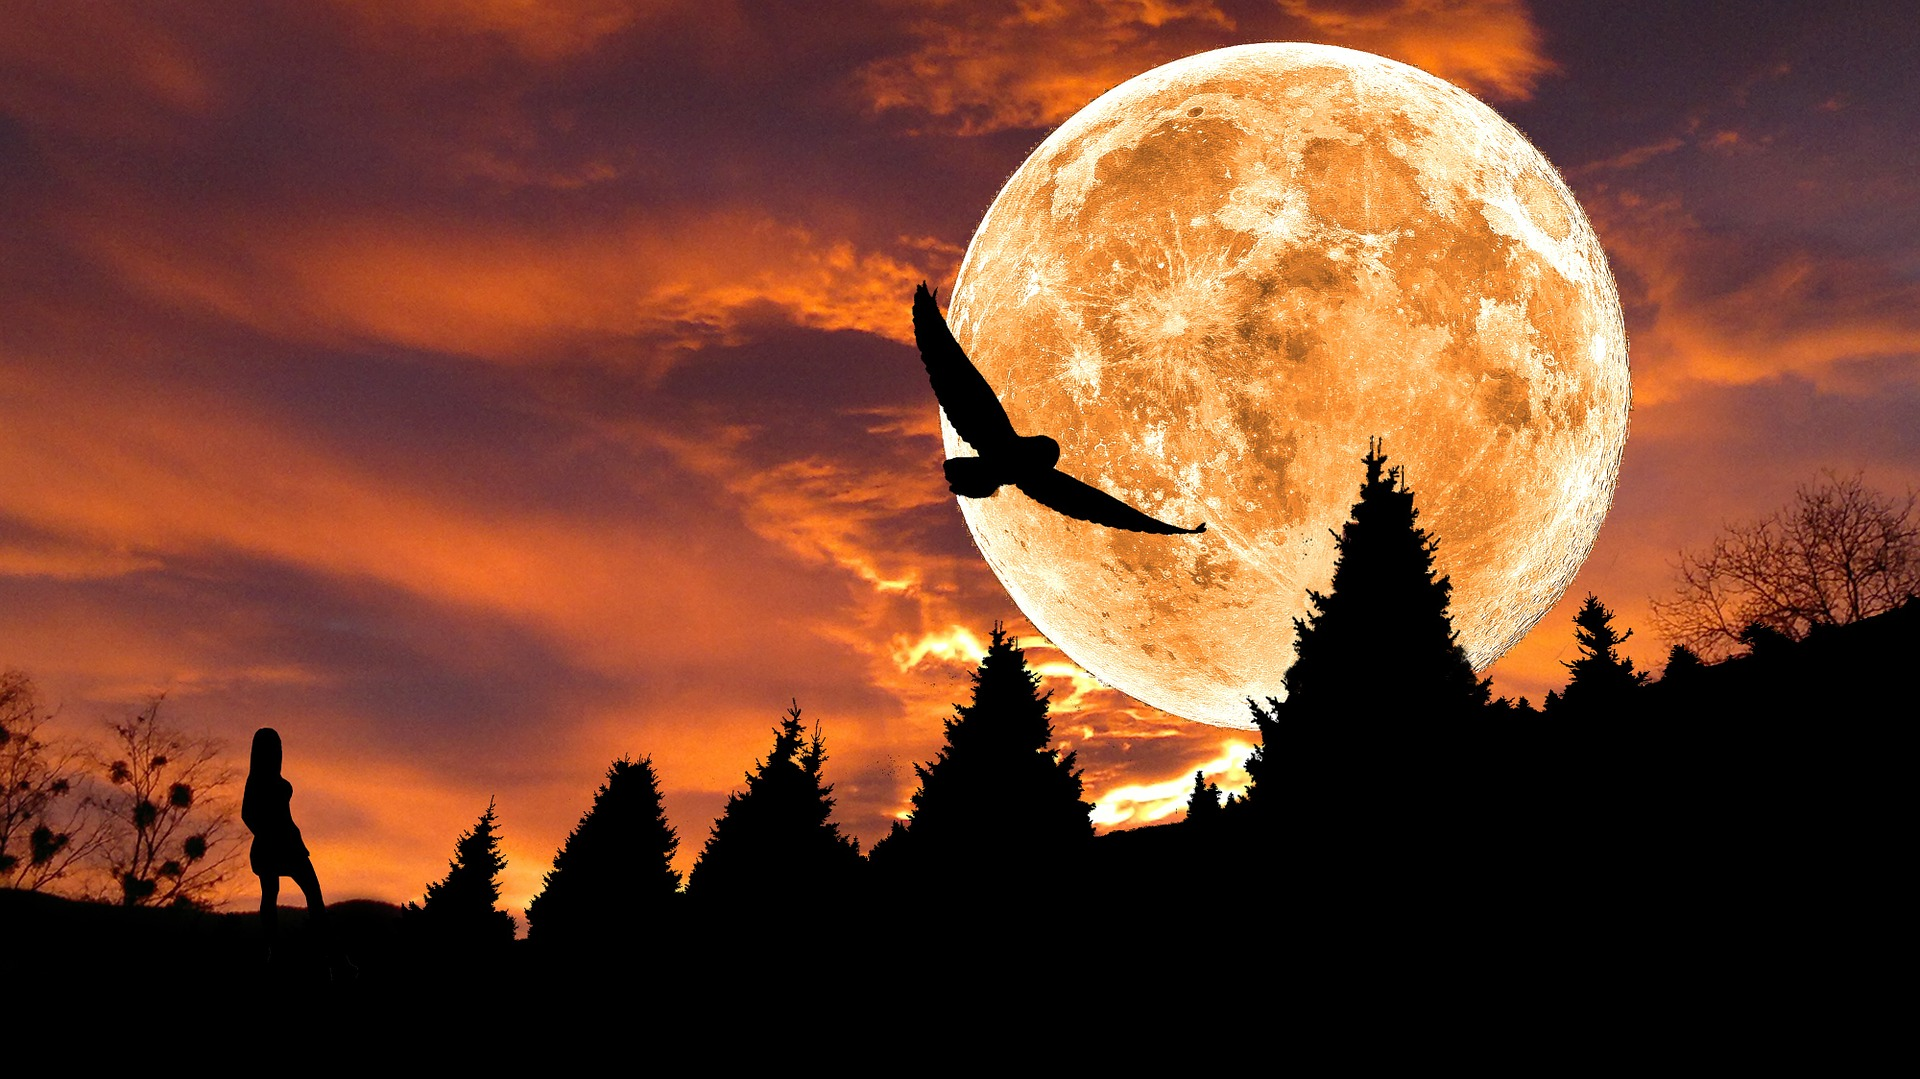 ハーベストムーンは中秋の名月!1年で最も美しい月の由来とおまじない&呪文+心理占い